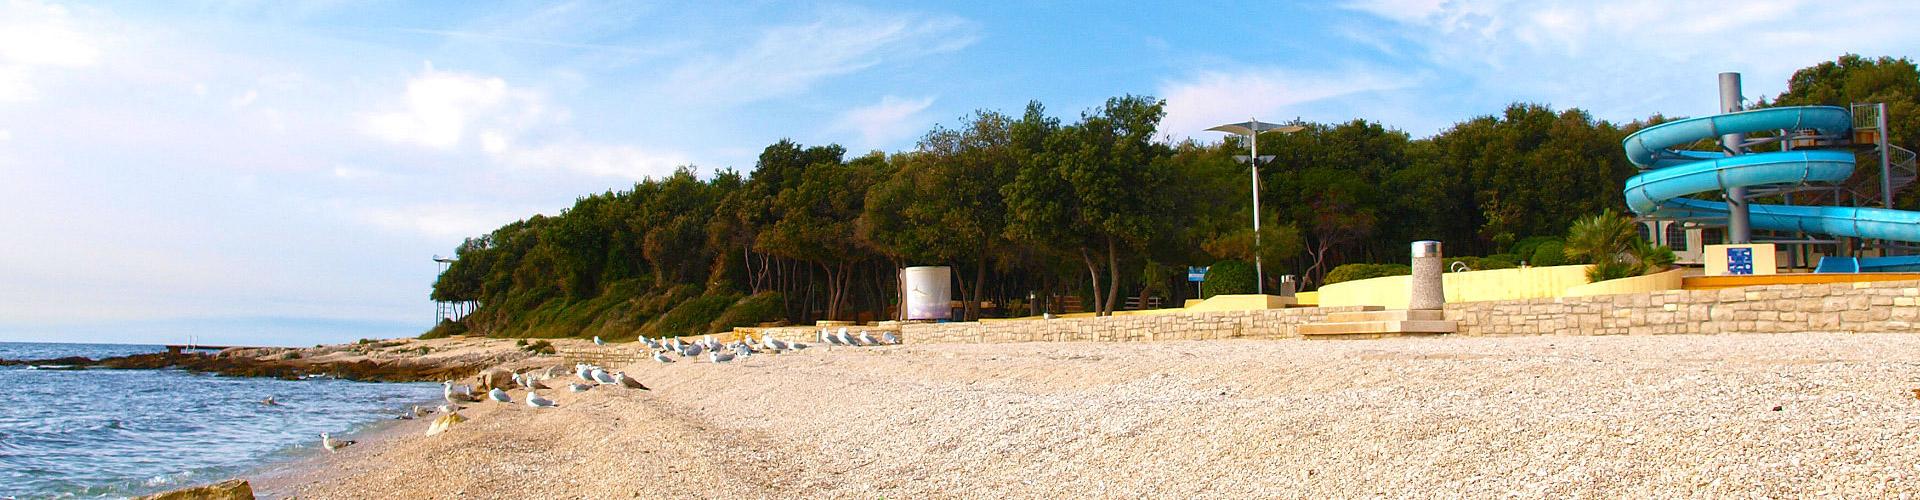 Istria sun spiaggia amarin rovinj istria croazia for Alberghi rovigno croazia